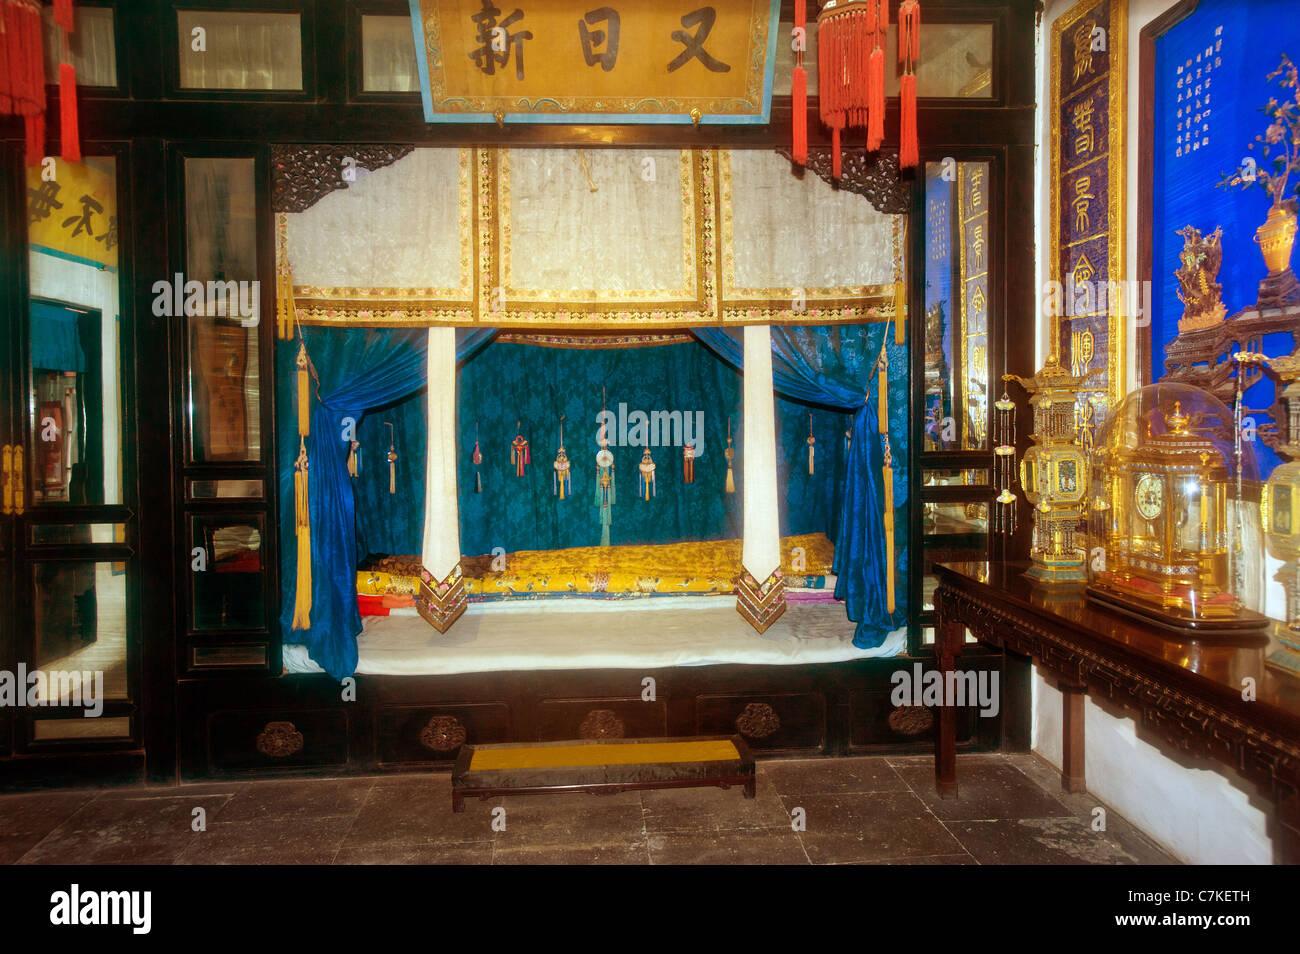 Royal Bedroom Interior